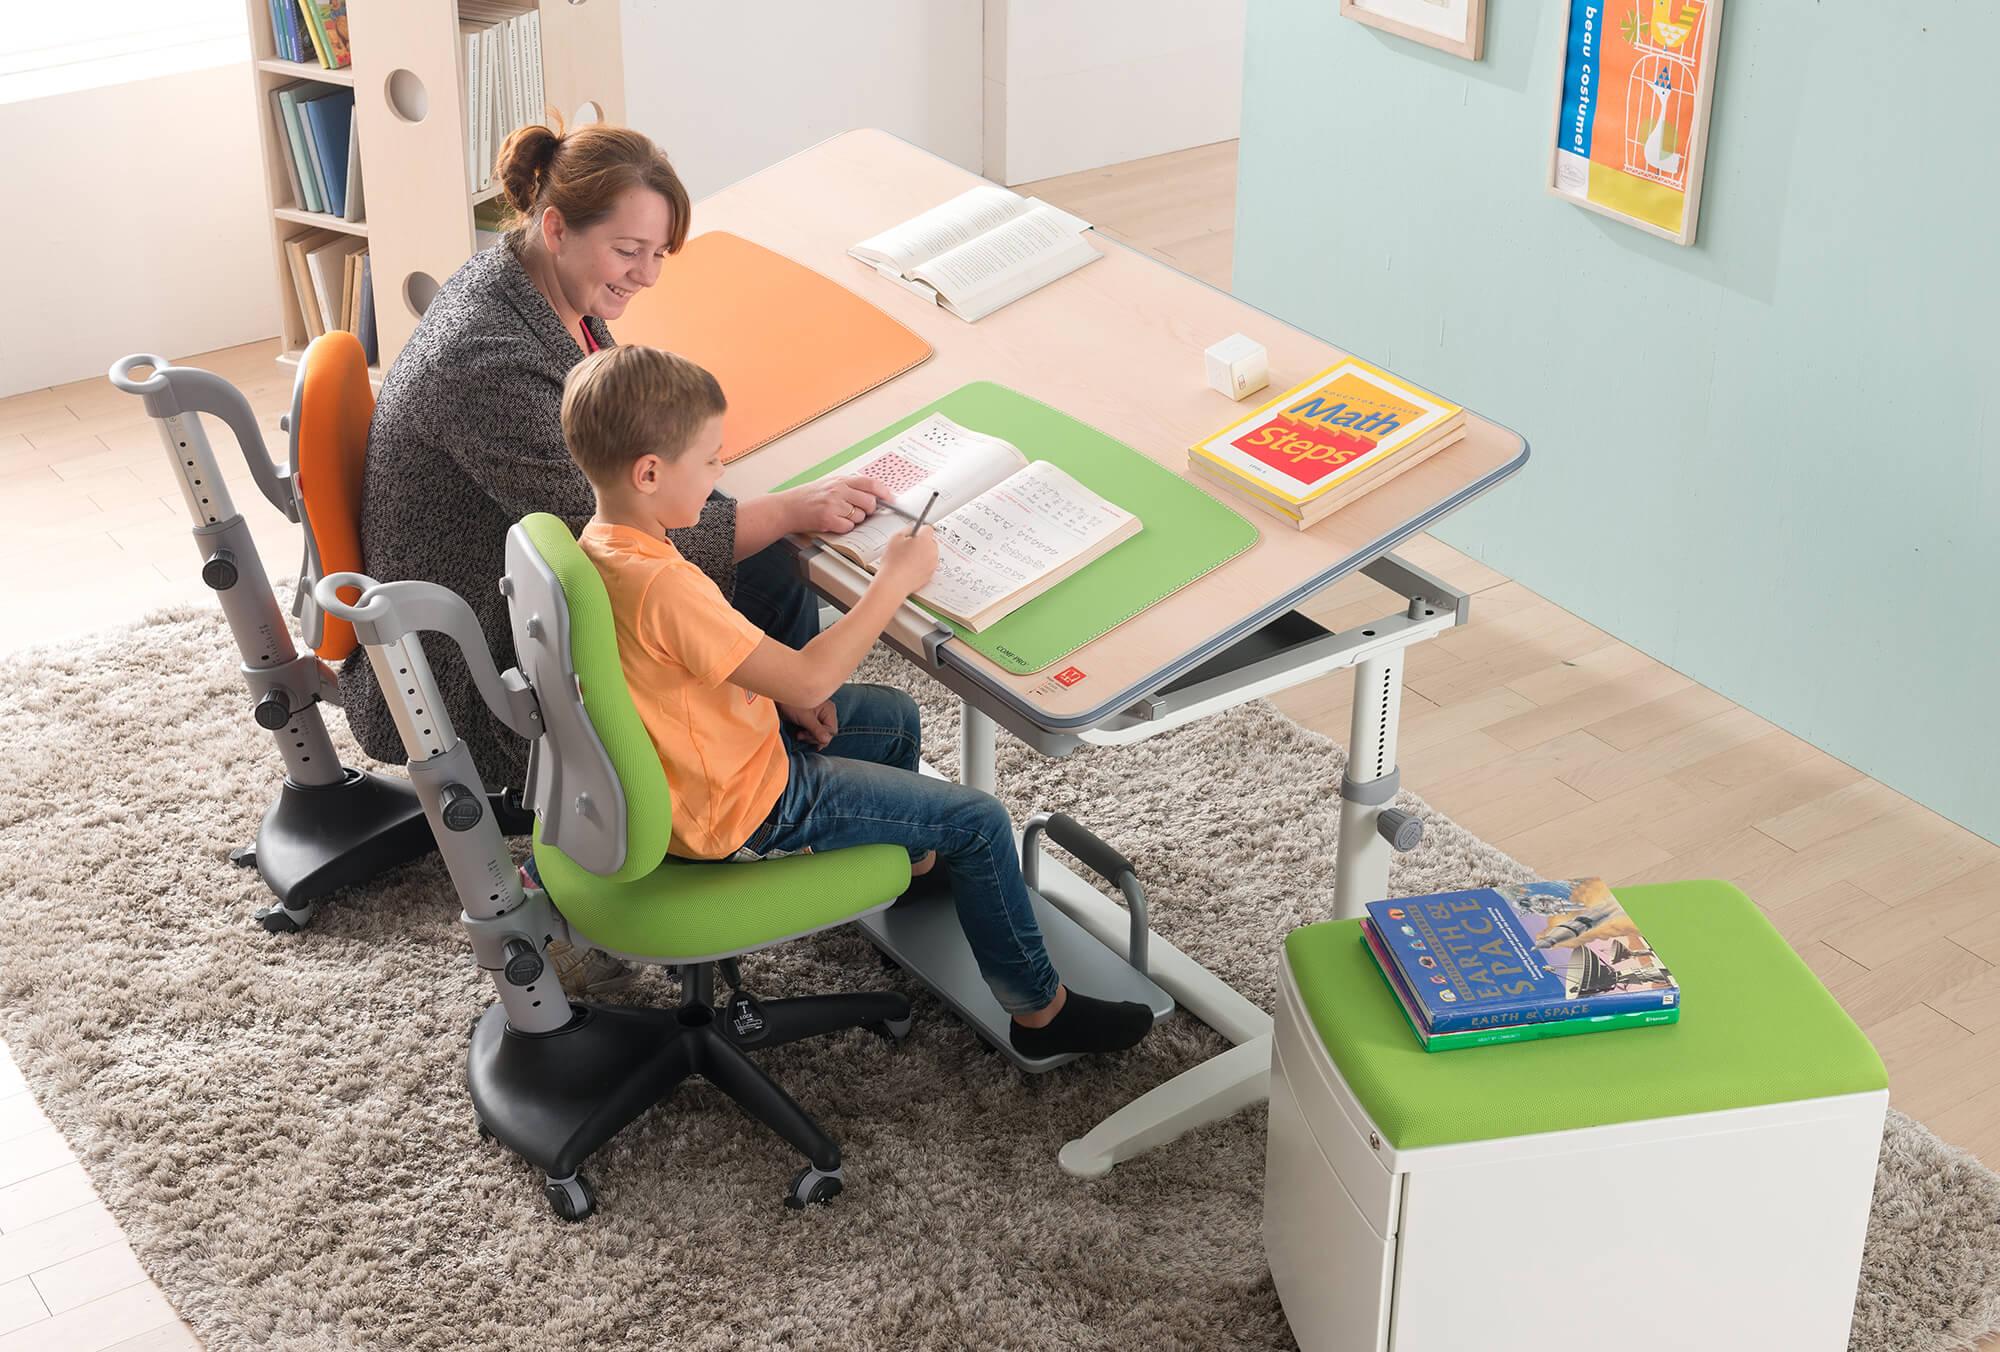 Купить Стол Comf-Pro Twins BD-358 (Близнецы) для двоих детей в интернет магазине. Цены, характеристики, фото, отзывы, обзоры